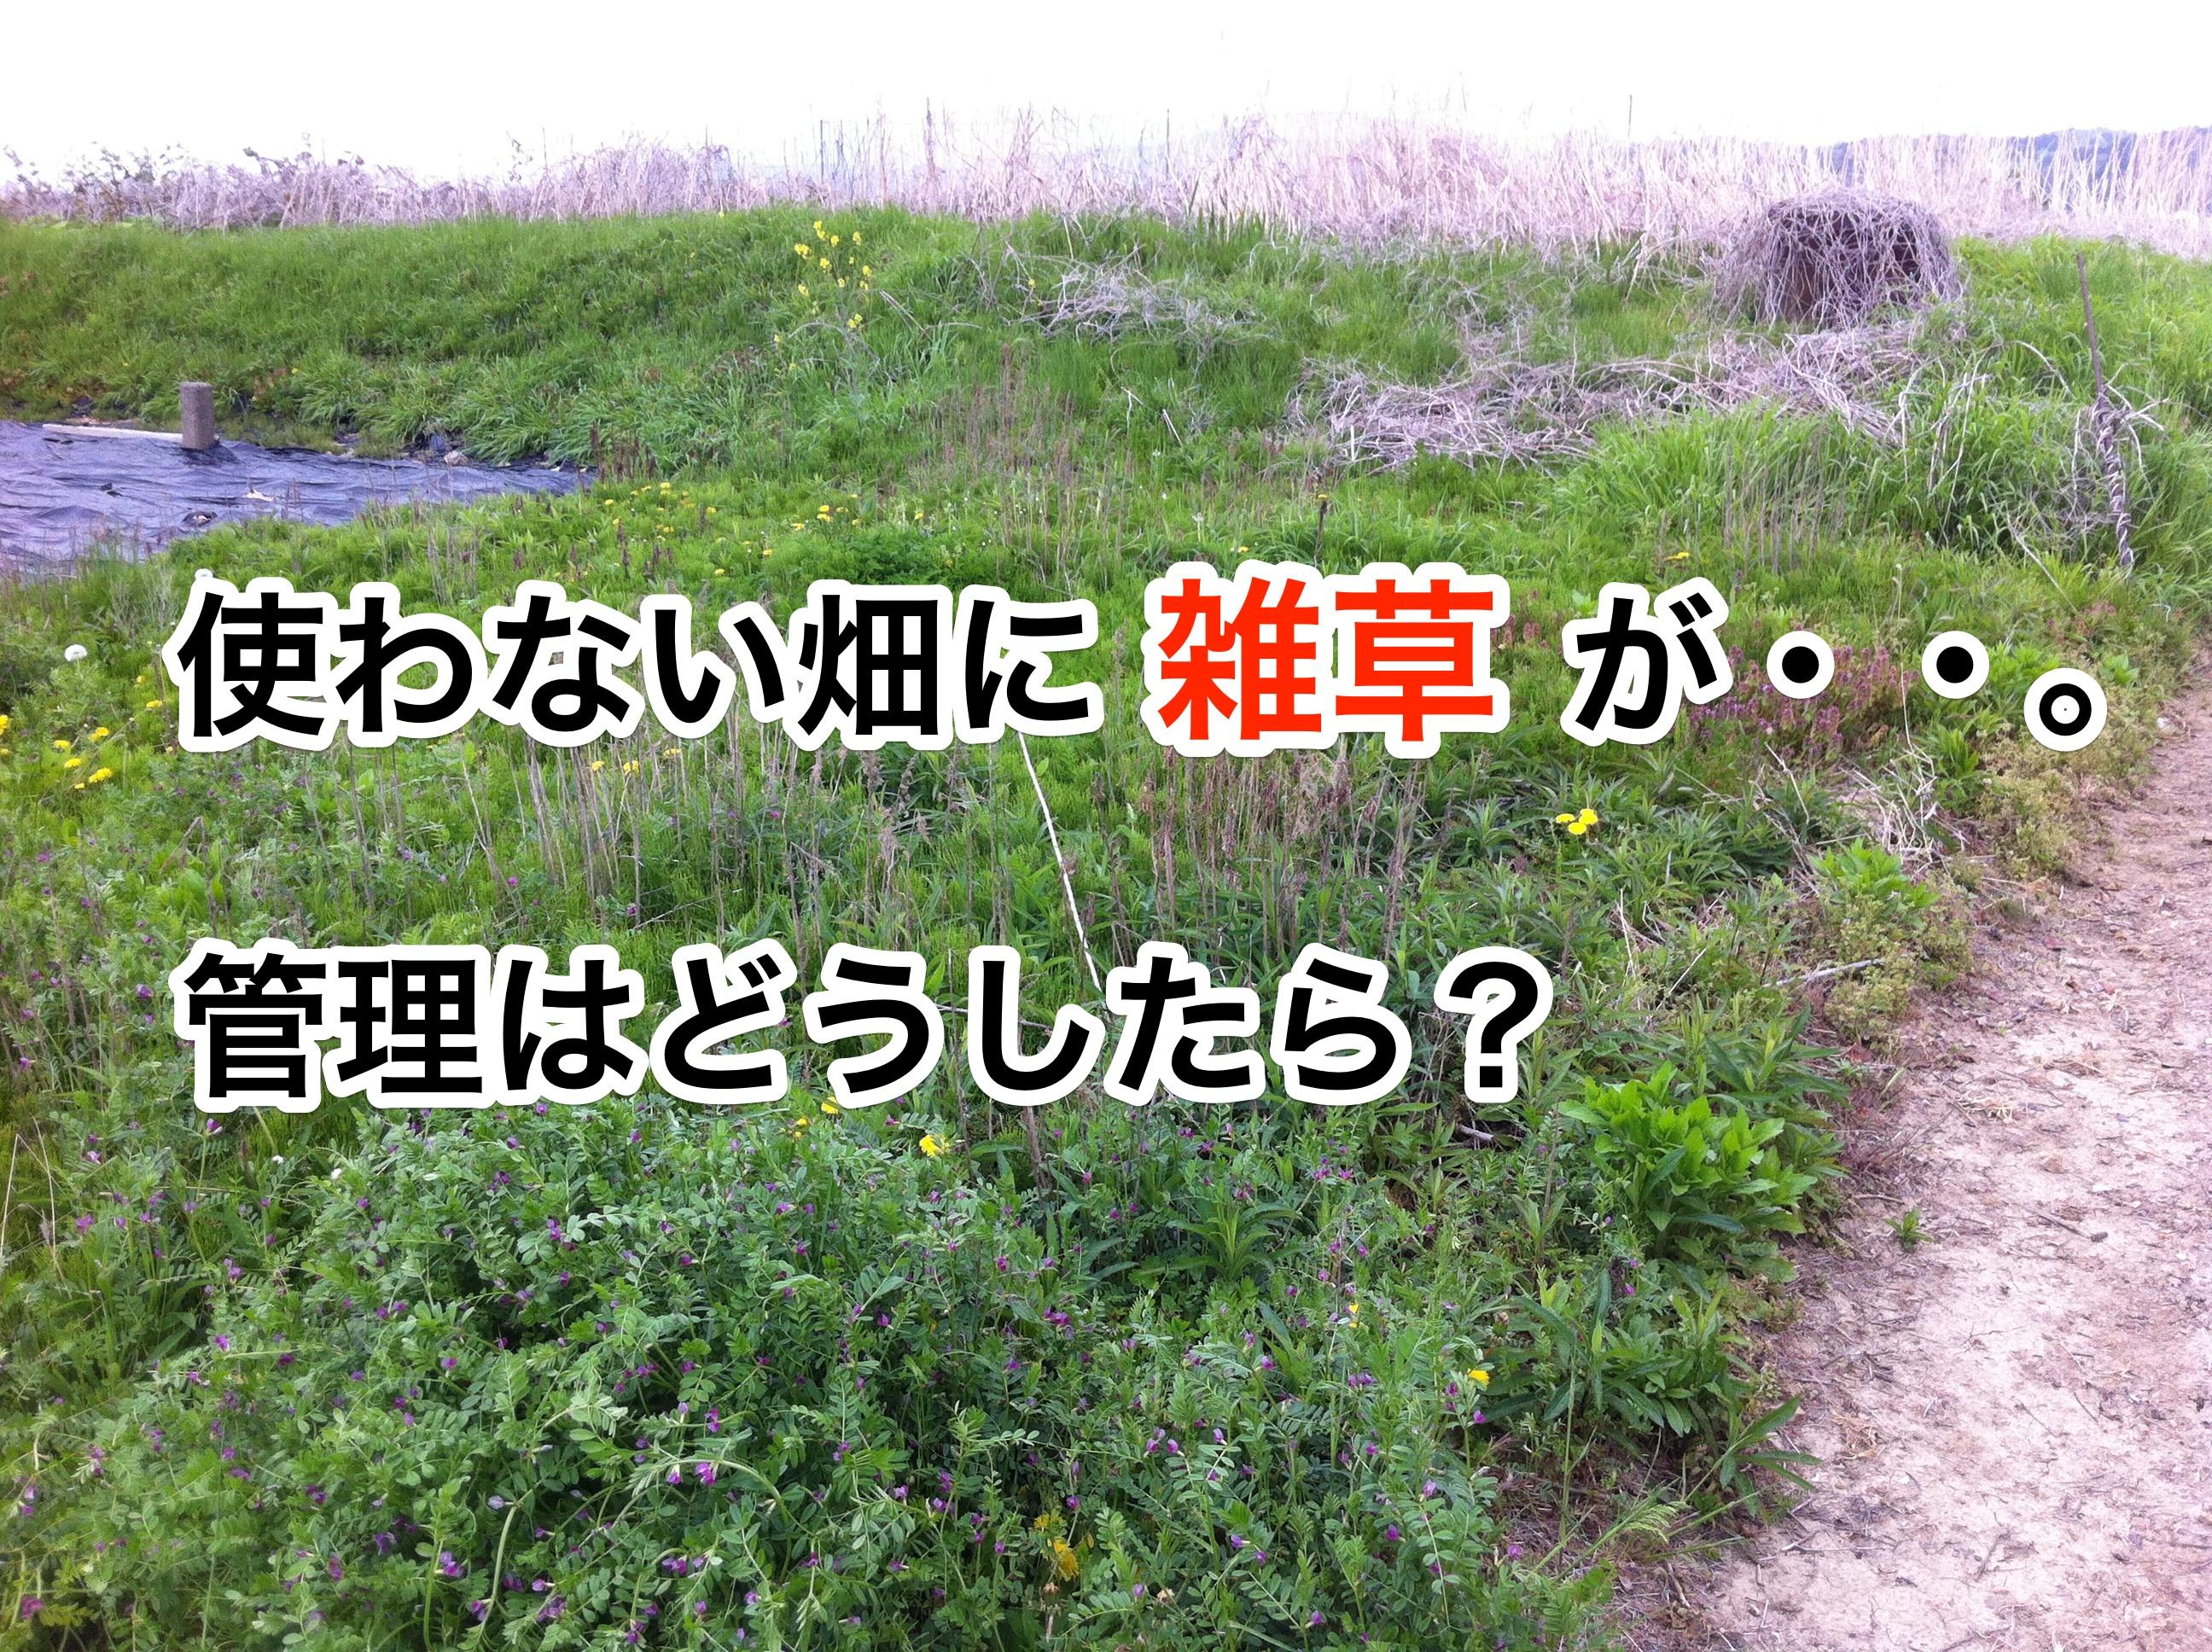 使わない畑に雑草が。管理はどうしたら?